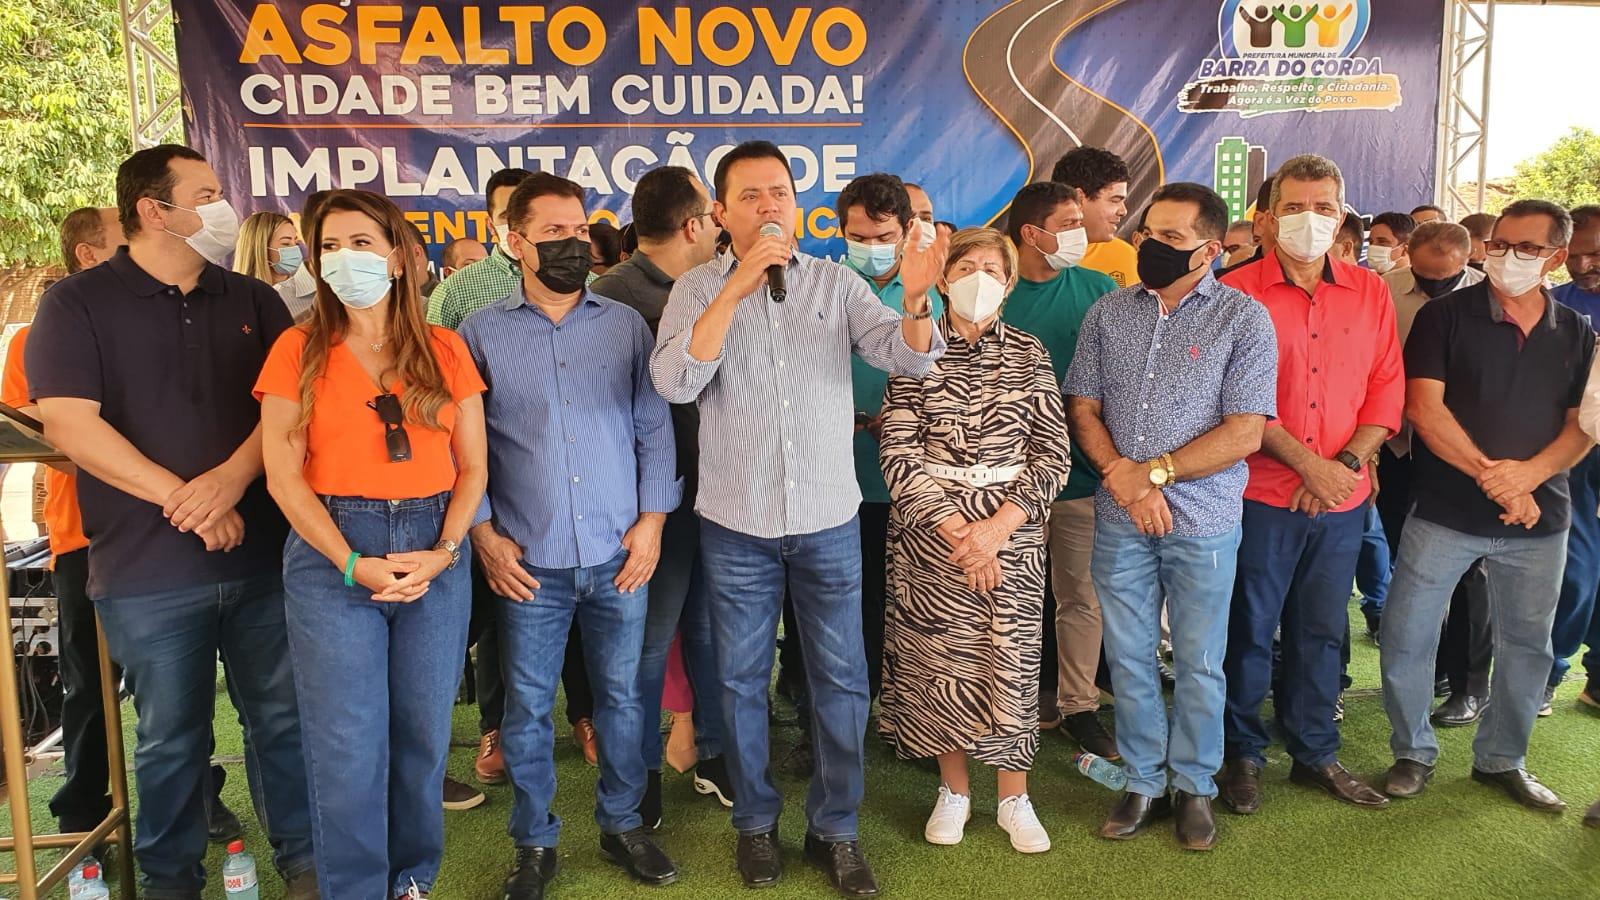 Prefeito Rigo Teles lança Programa Asfalto Novo em Barra do Corda e reúne lideranças locais e regionais em evento